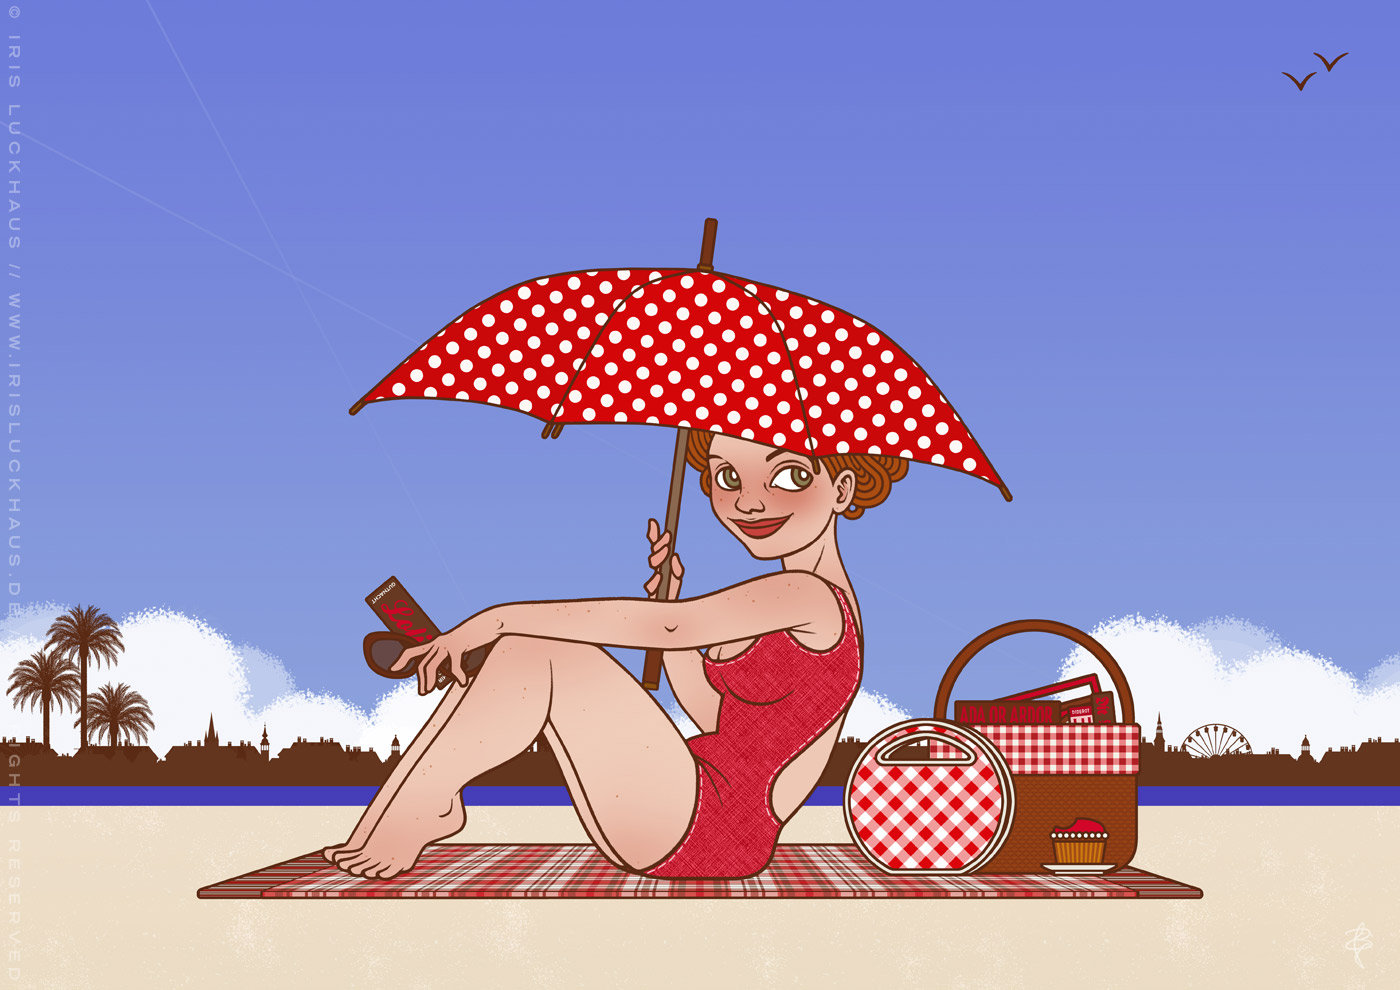 Lola am Strand, von Iris Luckhaus